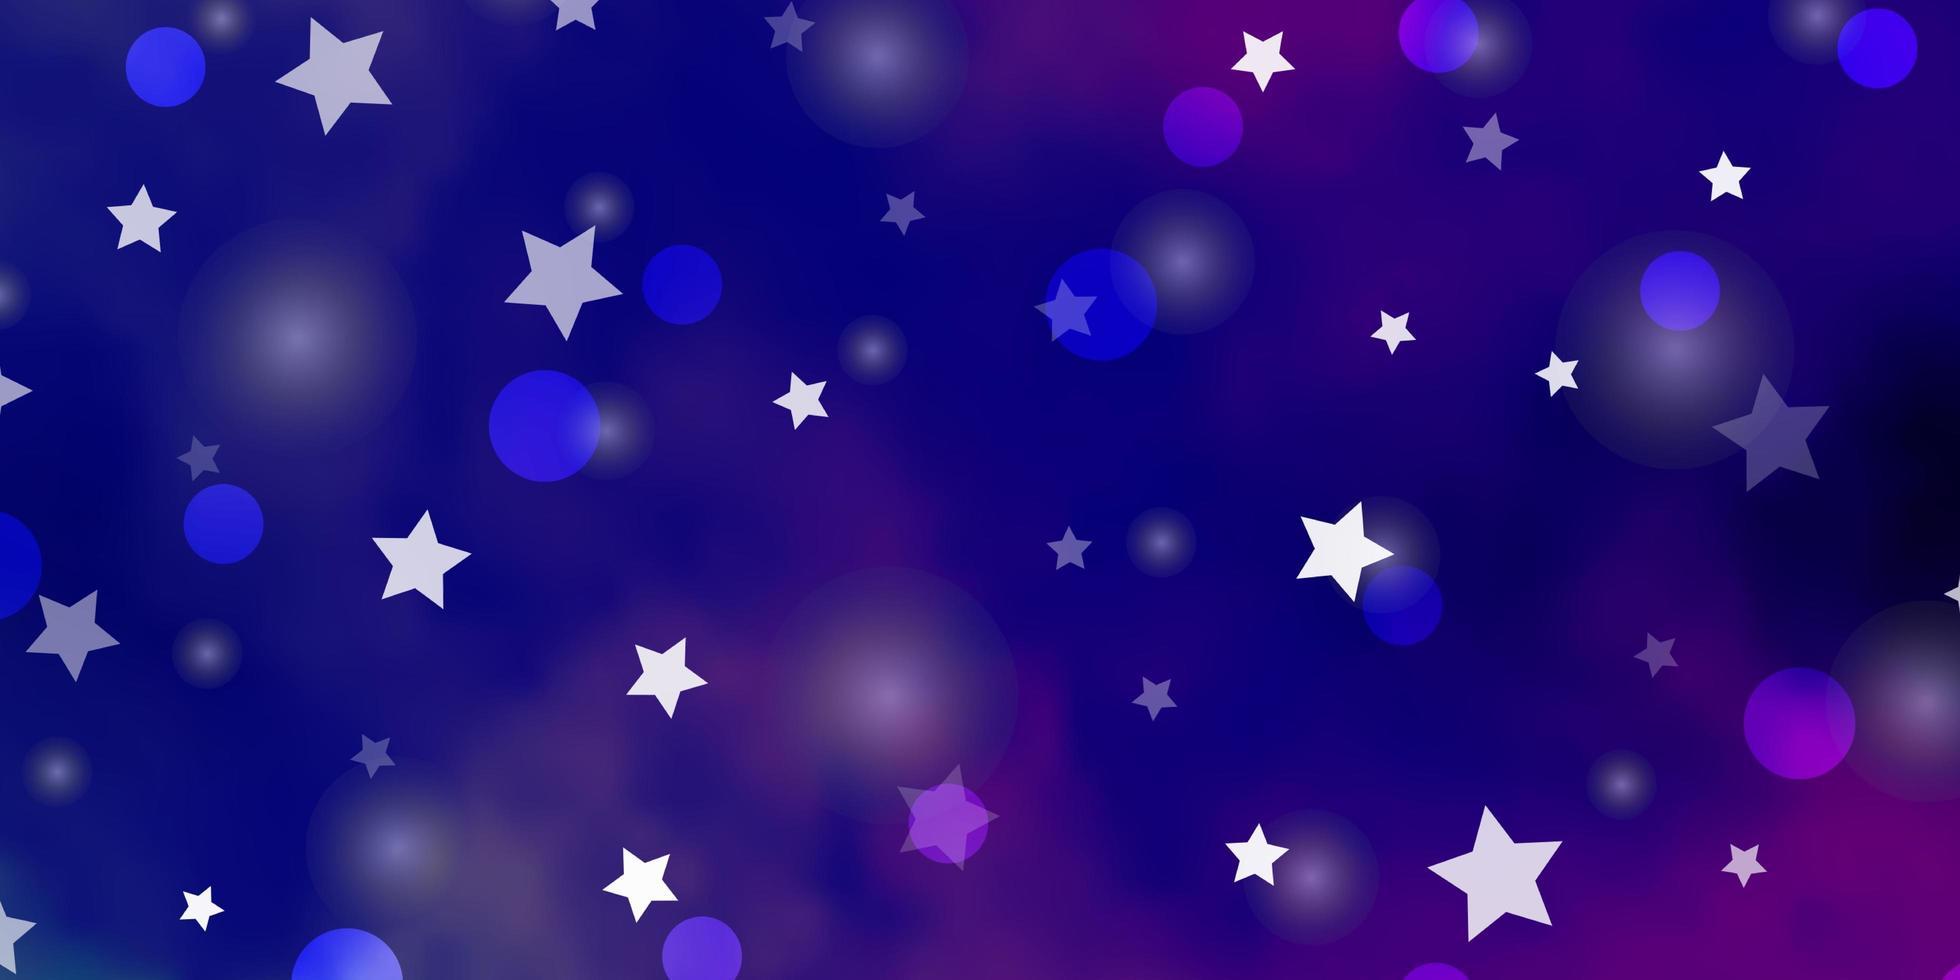 toile de fond violet et rose avec des cercles et des étoiles. vecteur